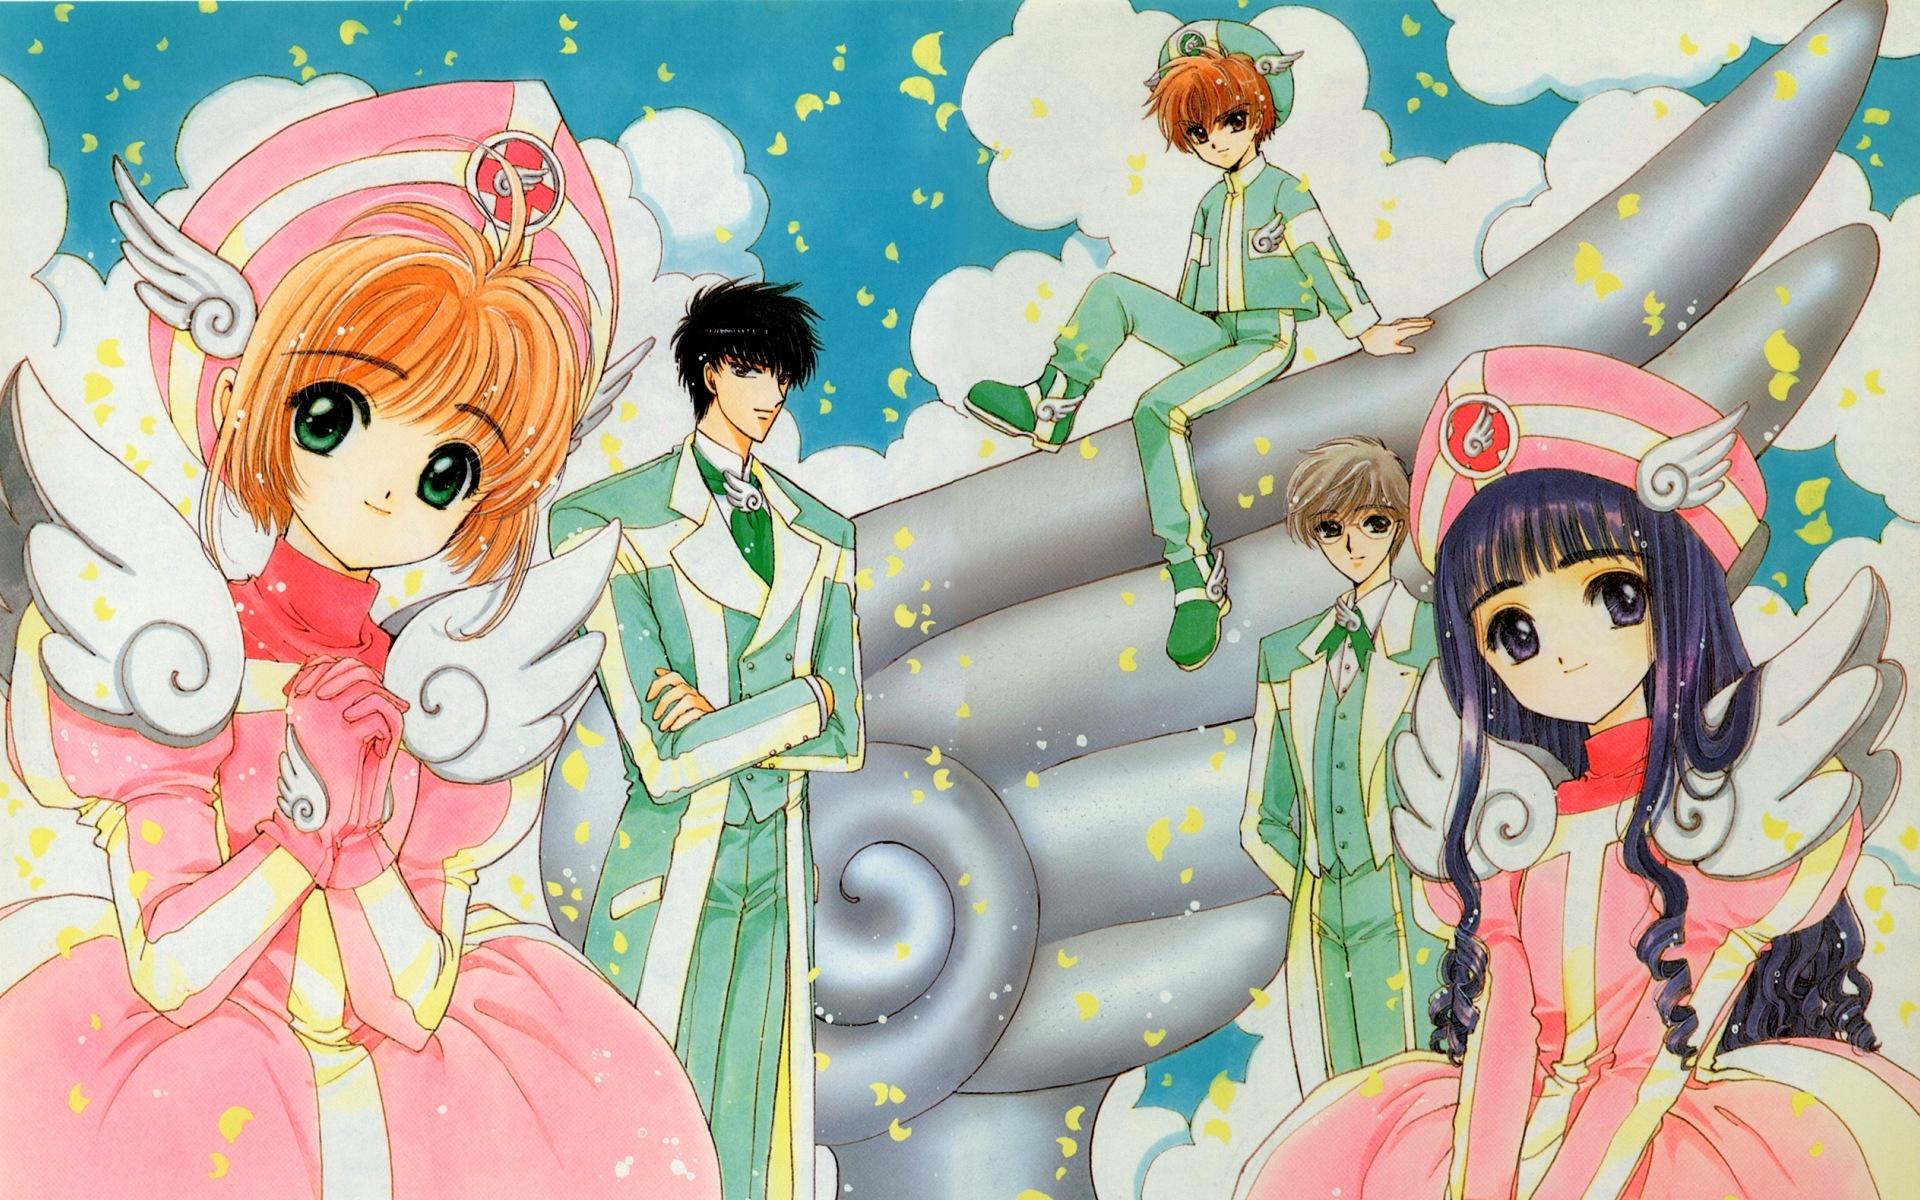 Touya, Tomoyo, Yukito and Syaoran.